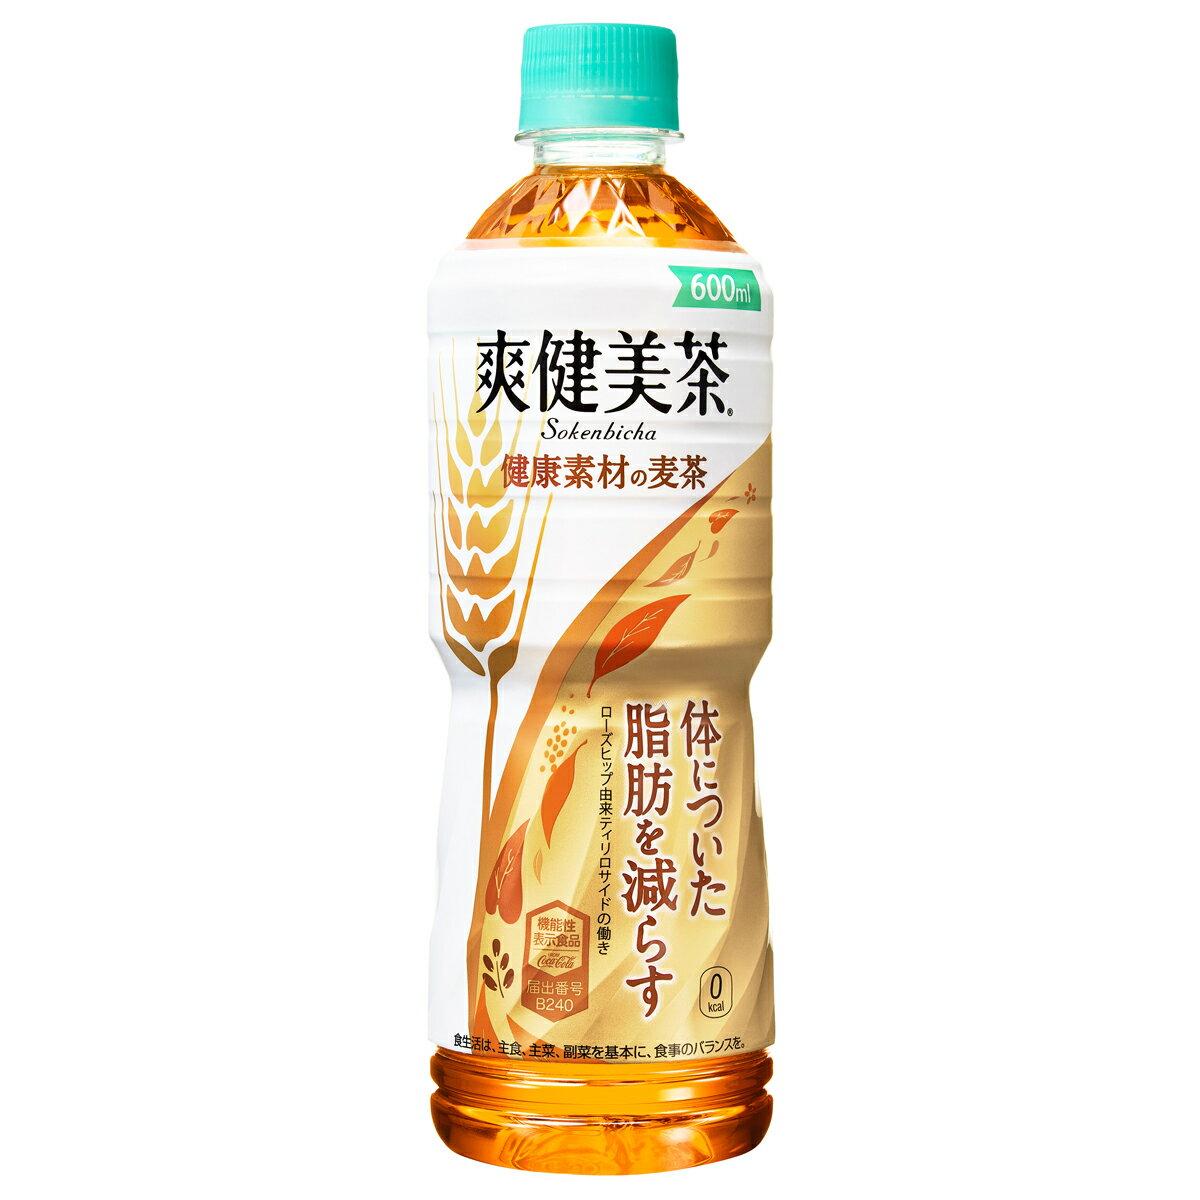 1ケースコカ・コーラ爽健美茶健康素材の麦茶600mLPET機能性表示食品お茶ソフトドリンクペットボト